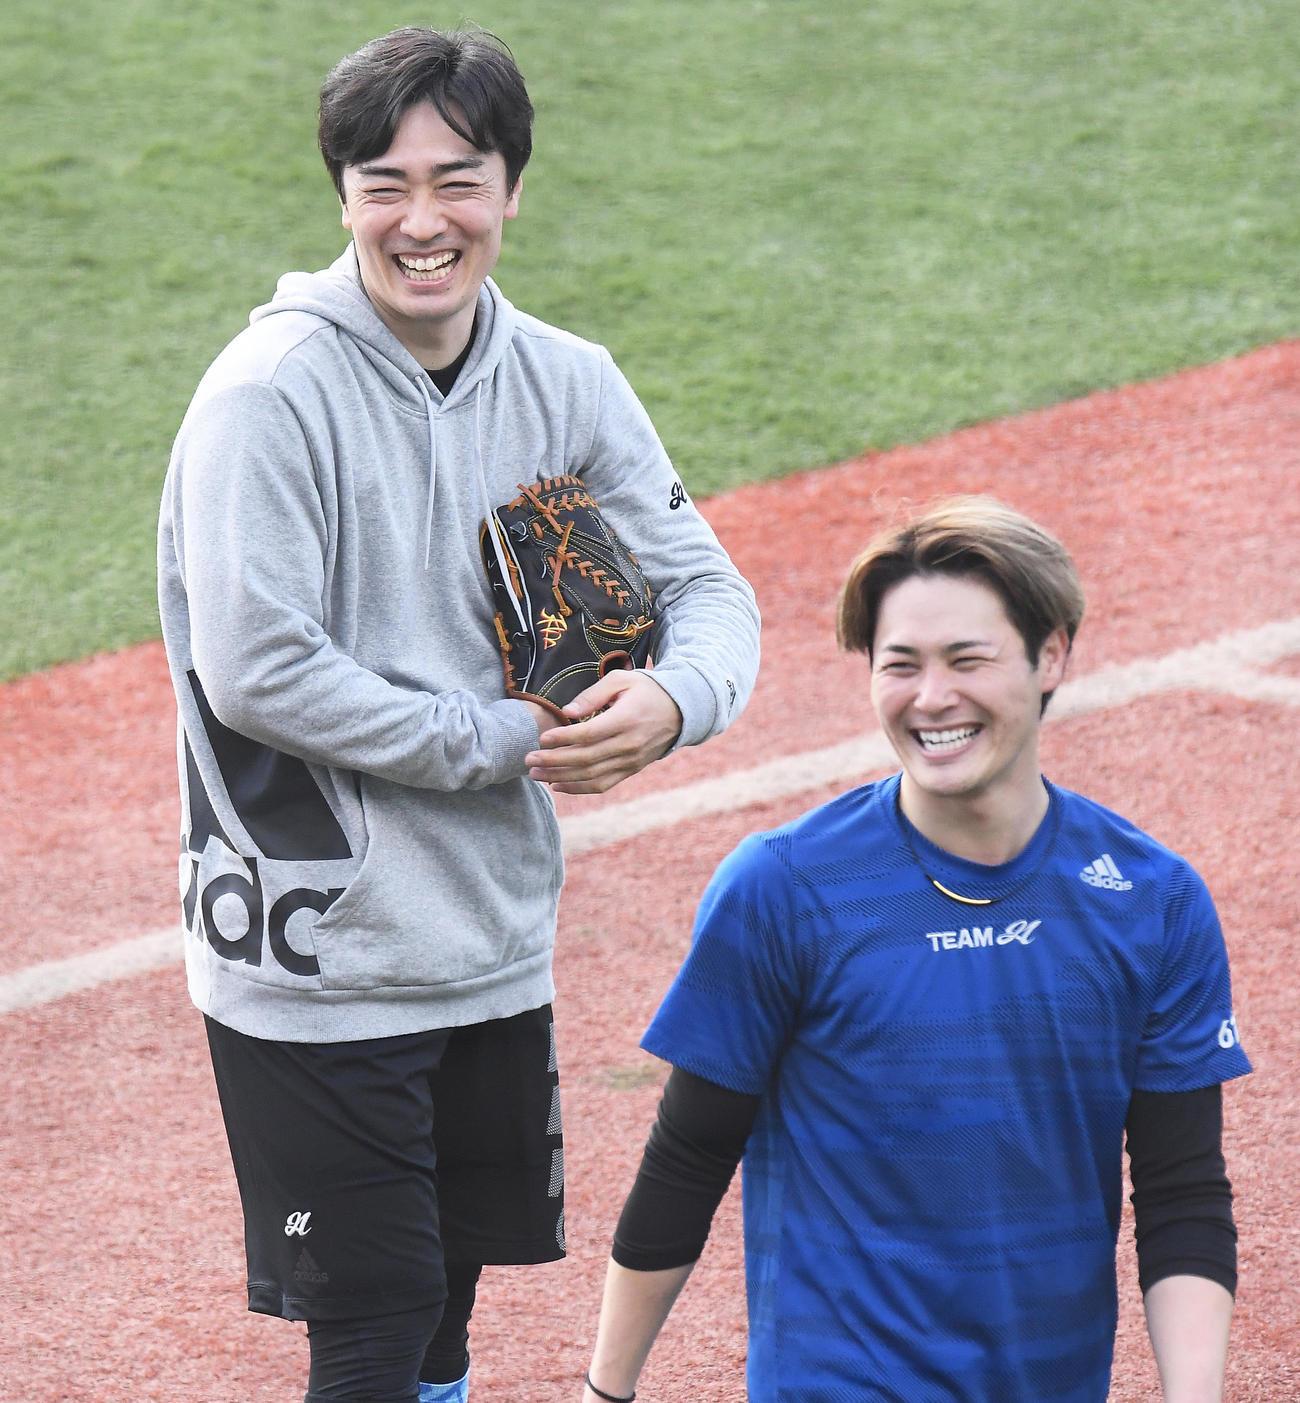 マウンドからの投球練習を終えて笑顔の笠谷(右)と和田(代表撮影)